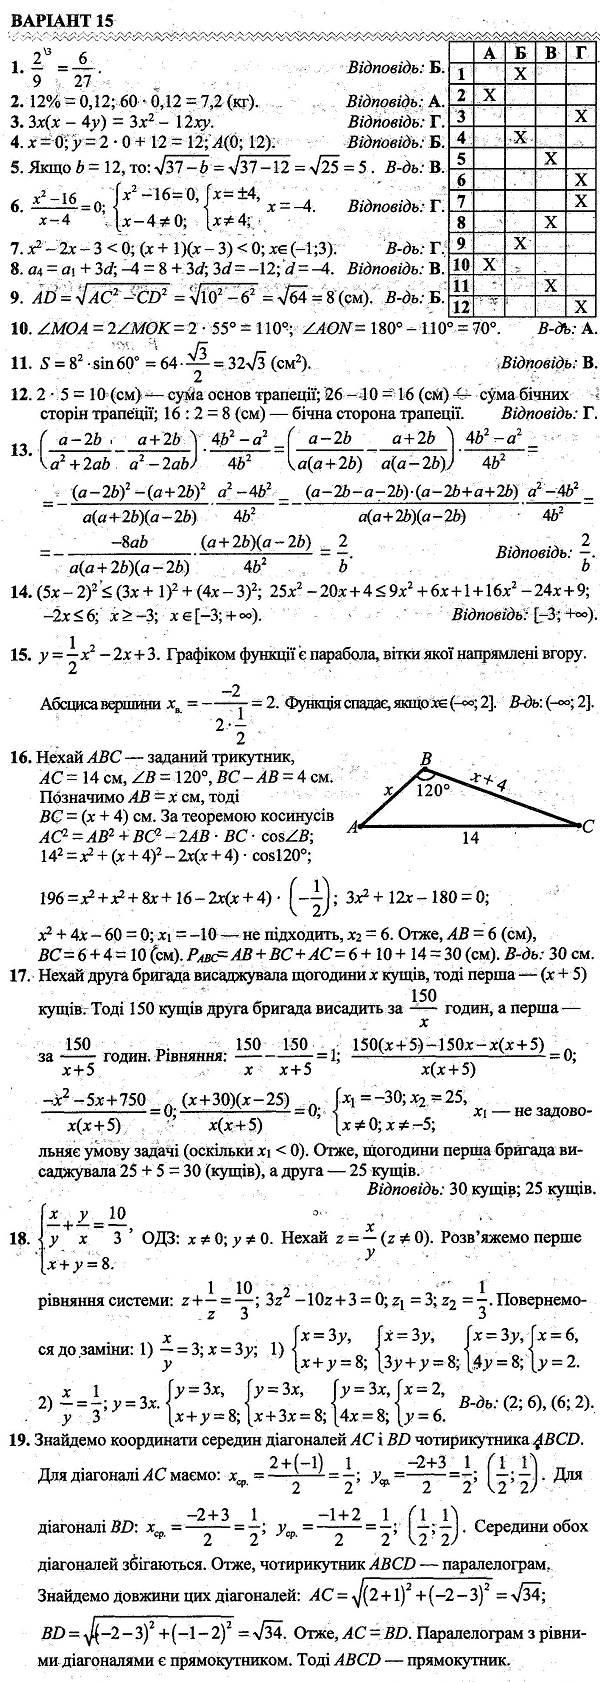 Відповіді до посібника ДПА-2019. 9 клас. ІСТЕР (збірник завдань для атестаційних письмових робіт)